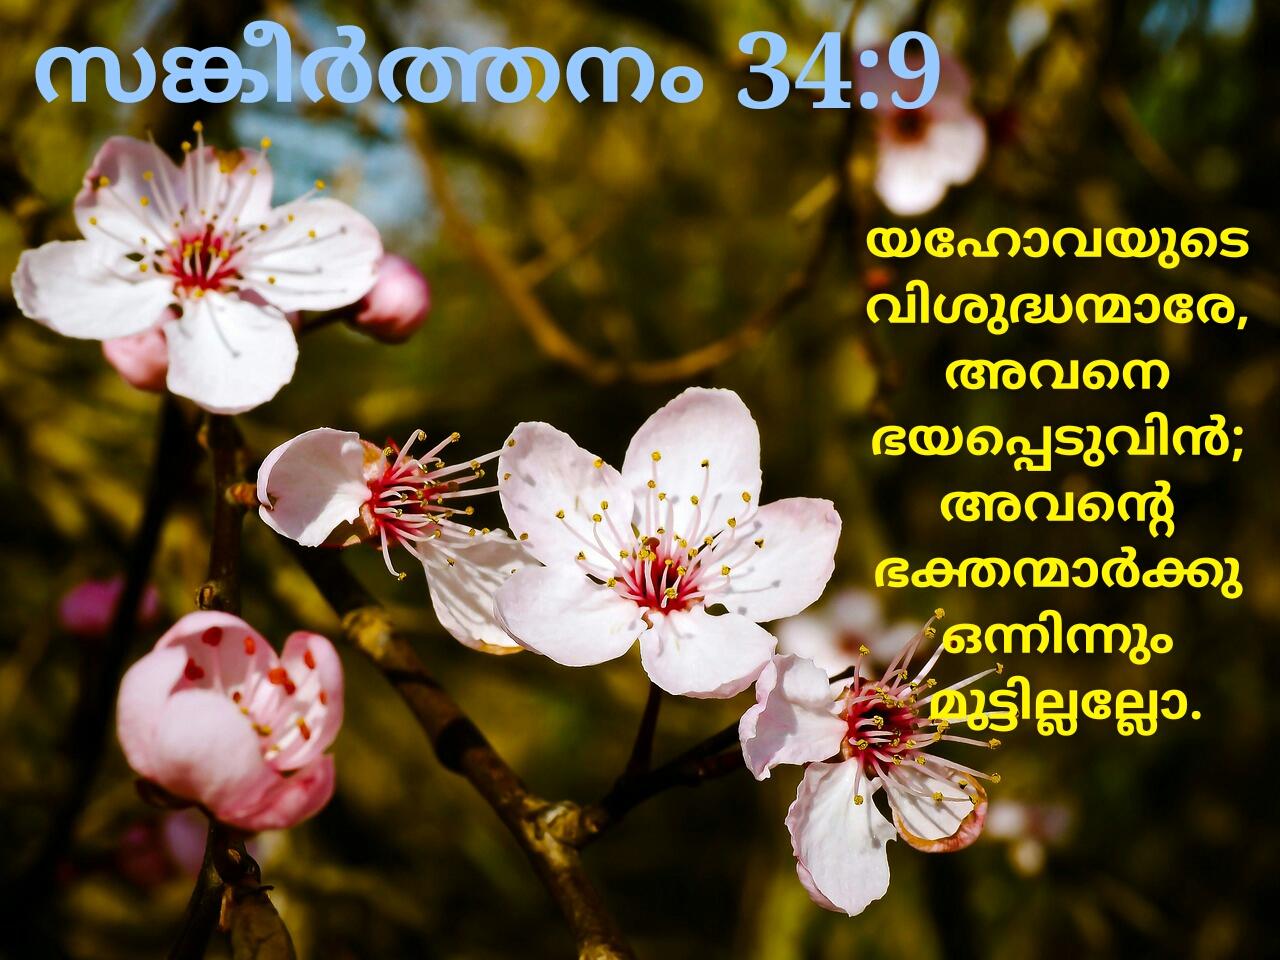 malayalam christian wallpapers: malayalam christian wallpapers